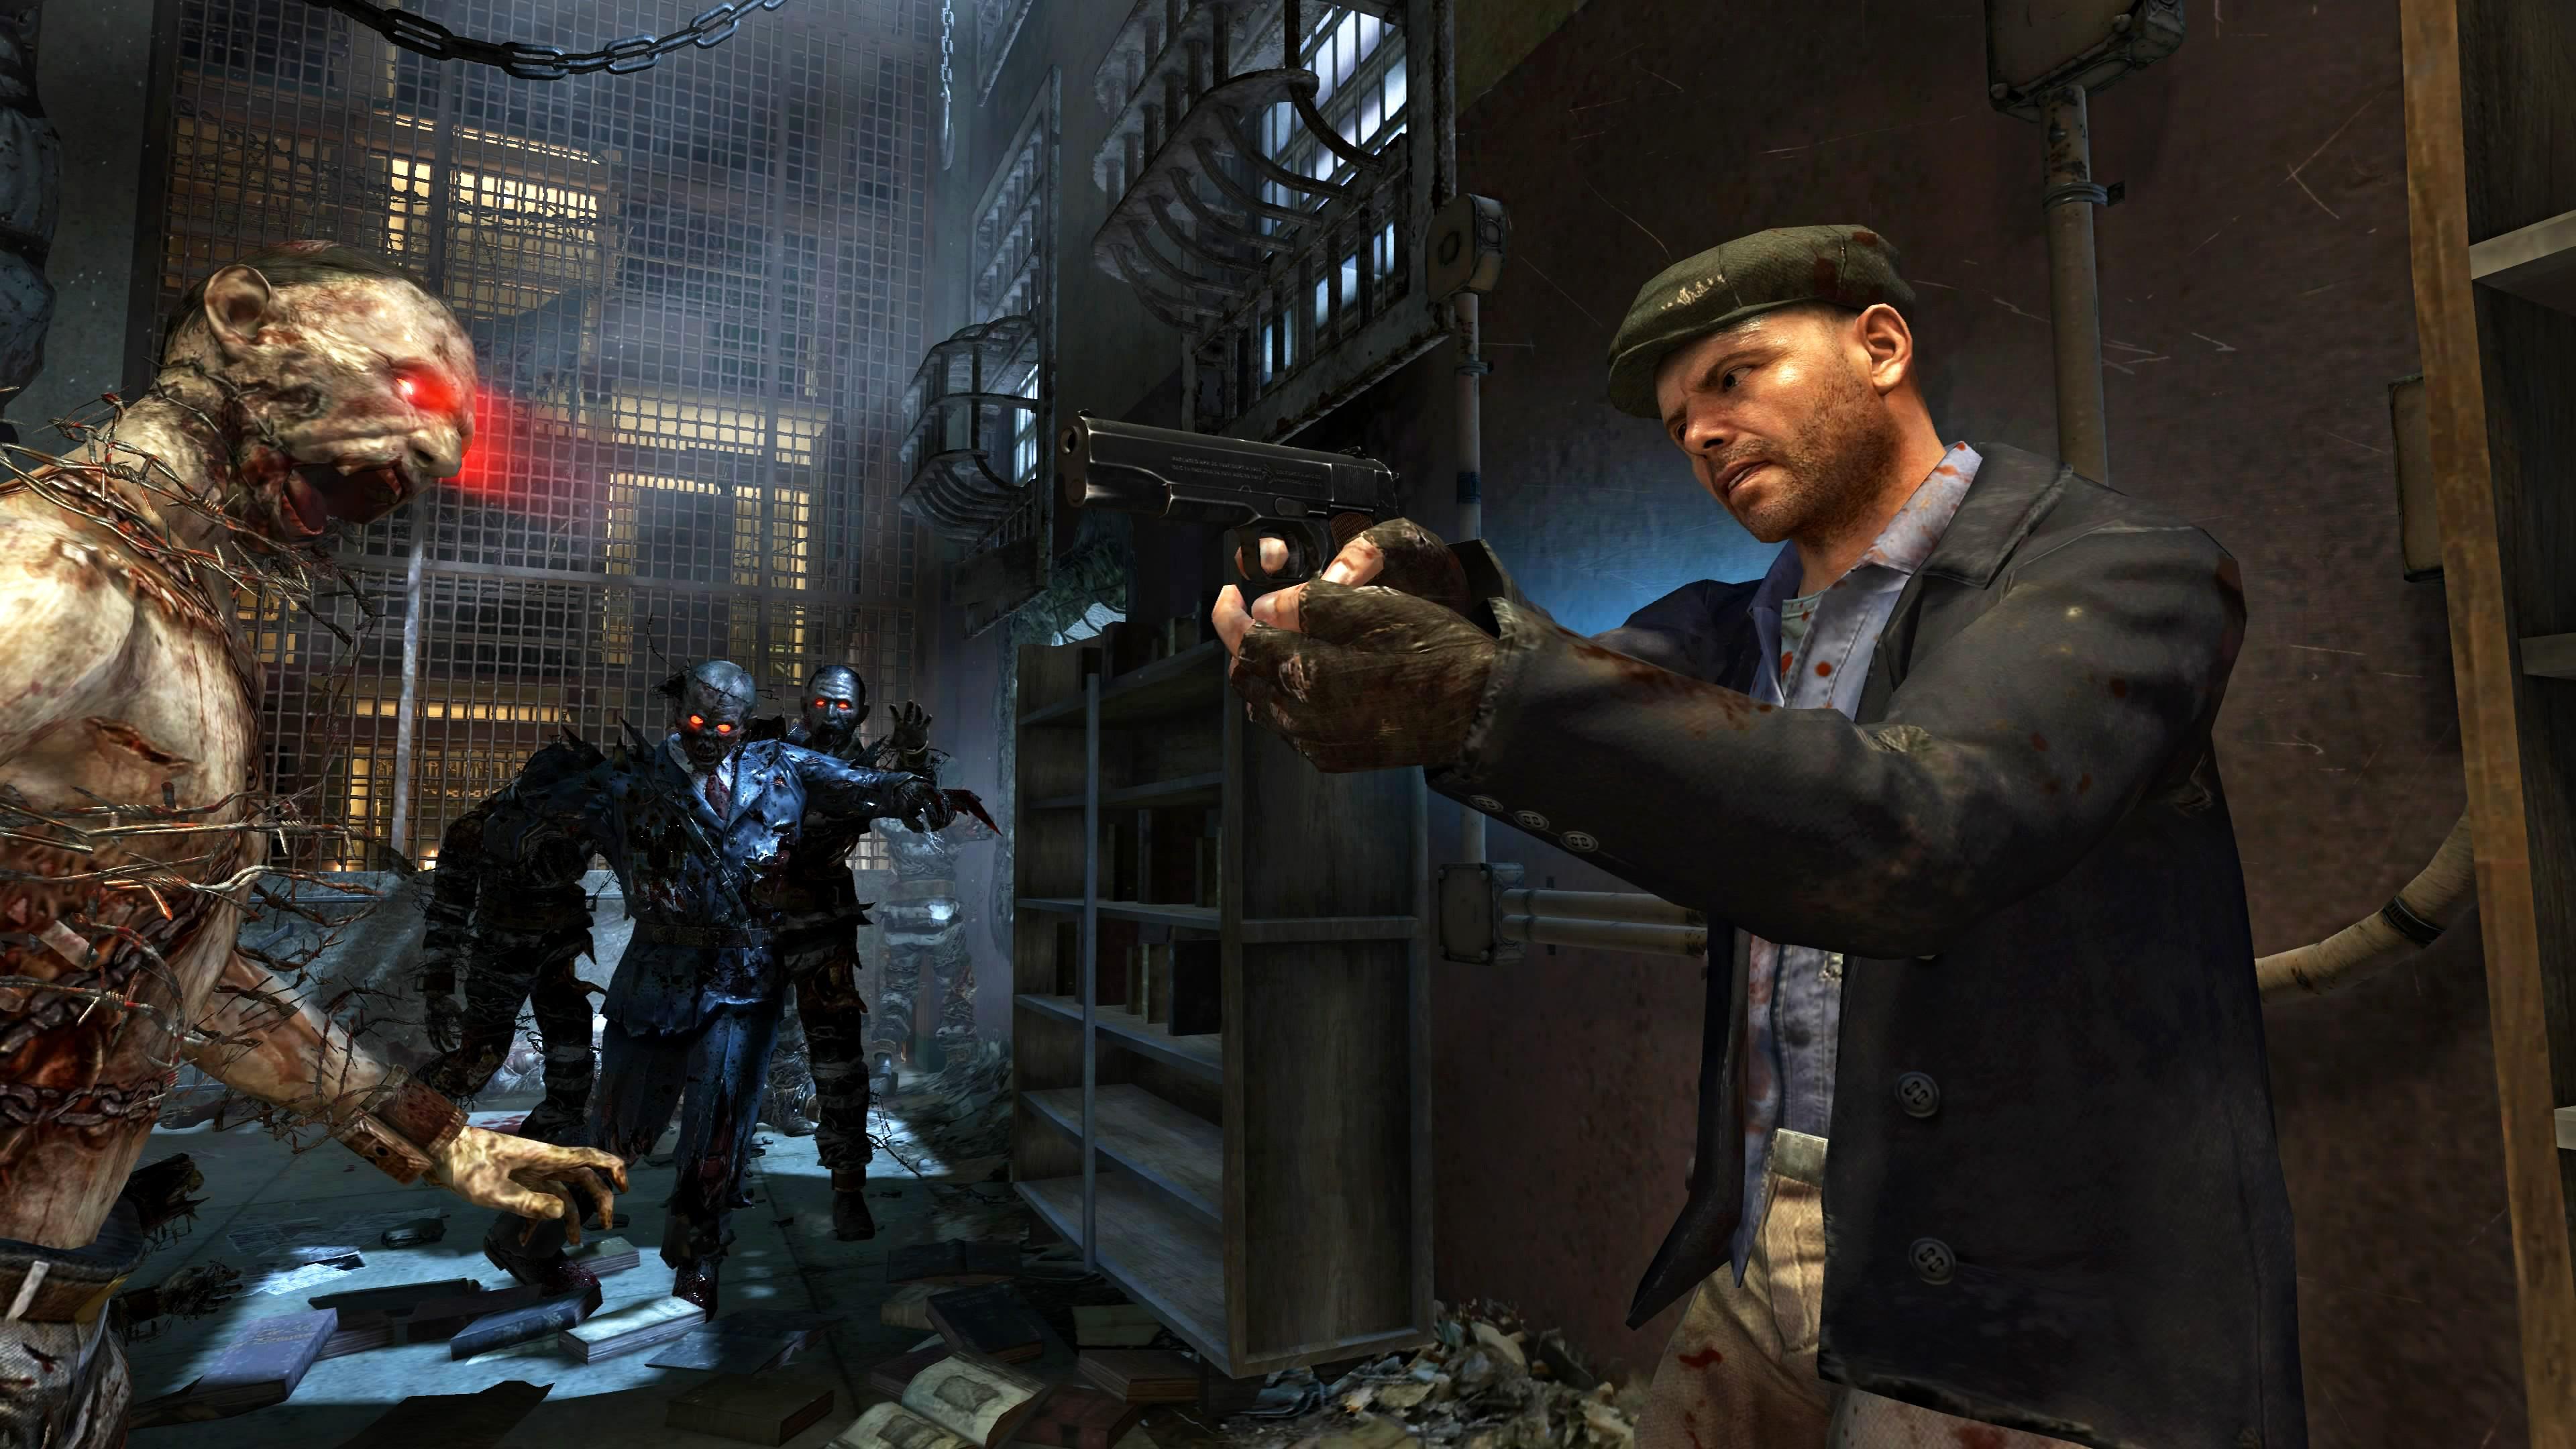 Call Of Duty Black Ops 2 Motd 3 Bloody Disgusting